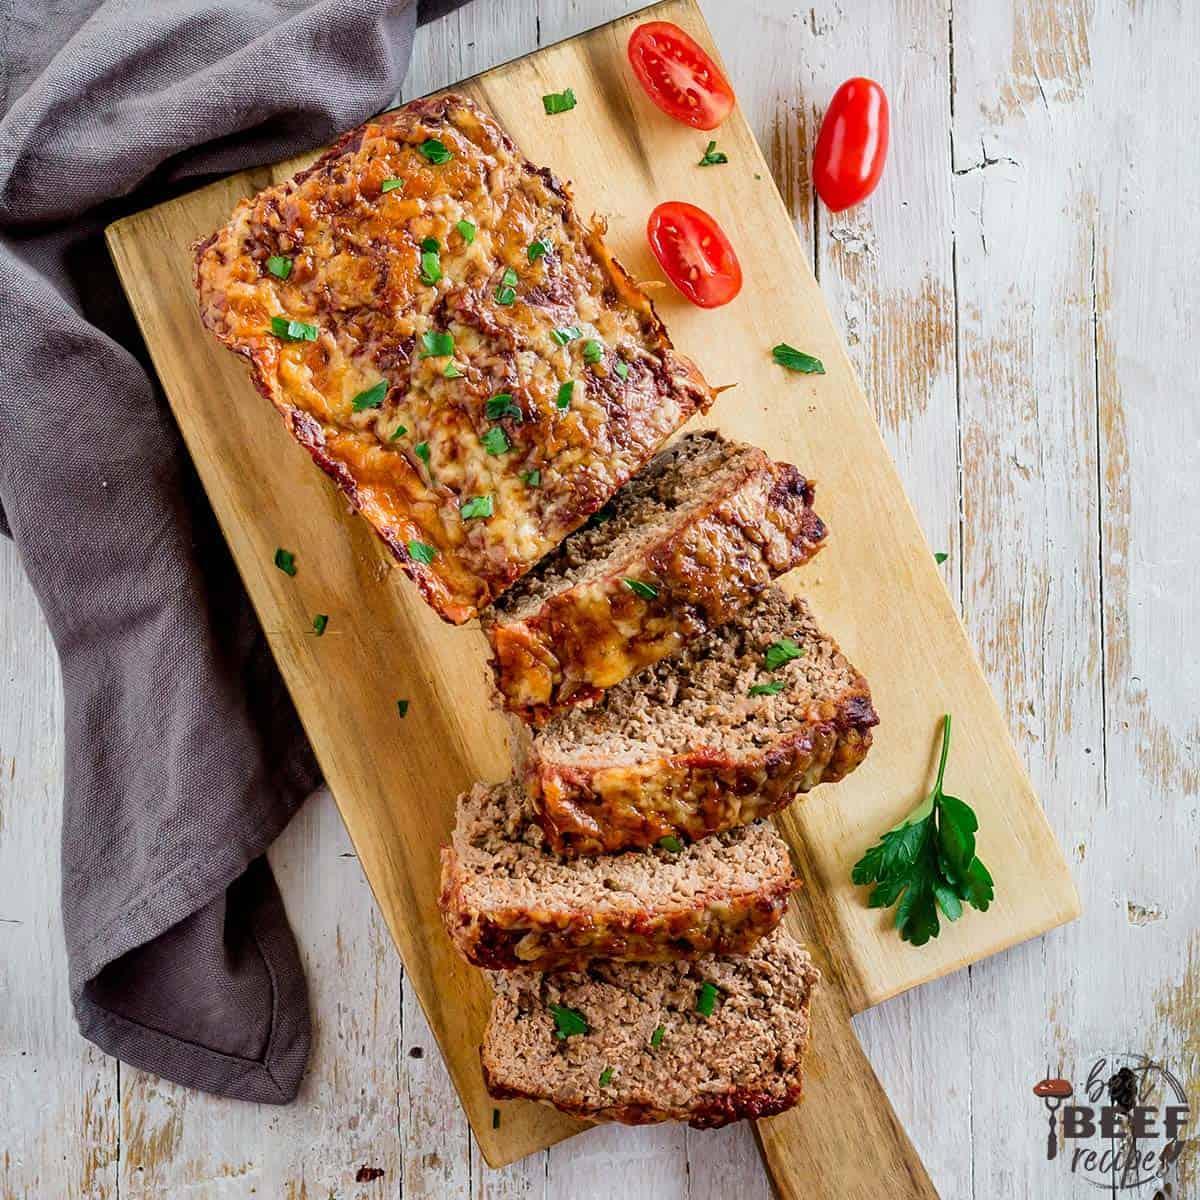 Keto meatloaf on a wooden serving board sliced